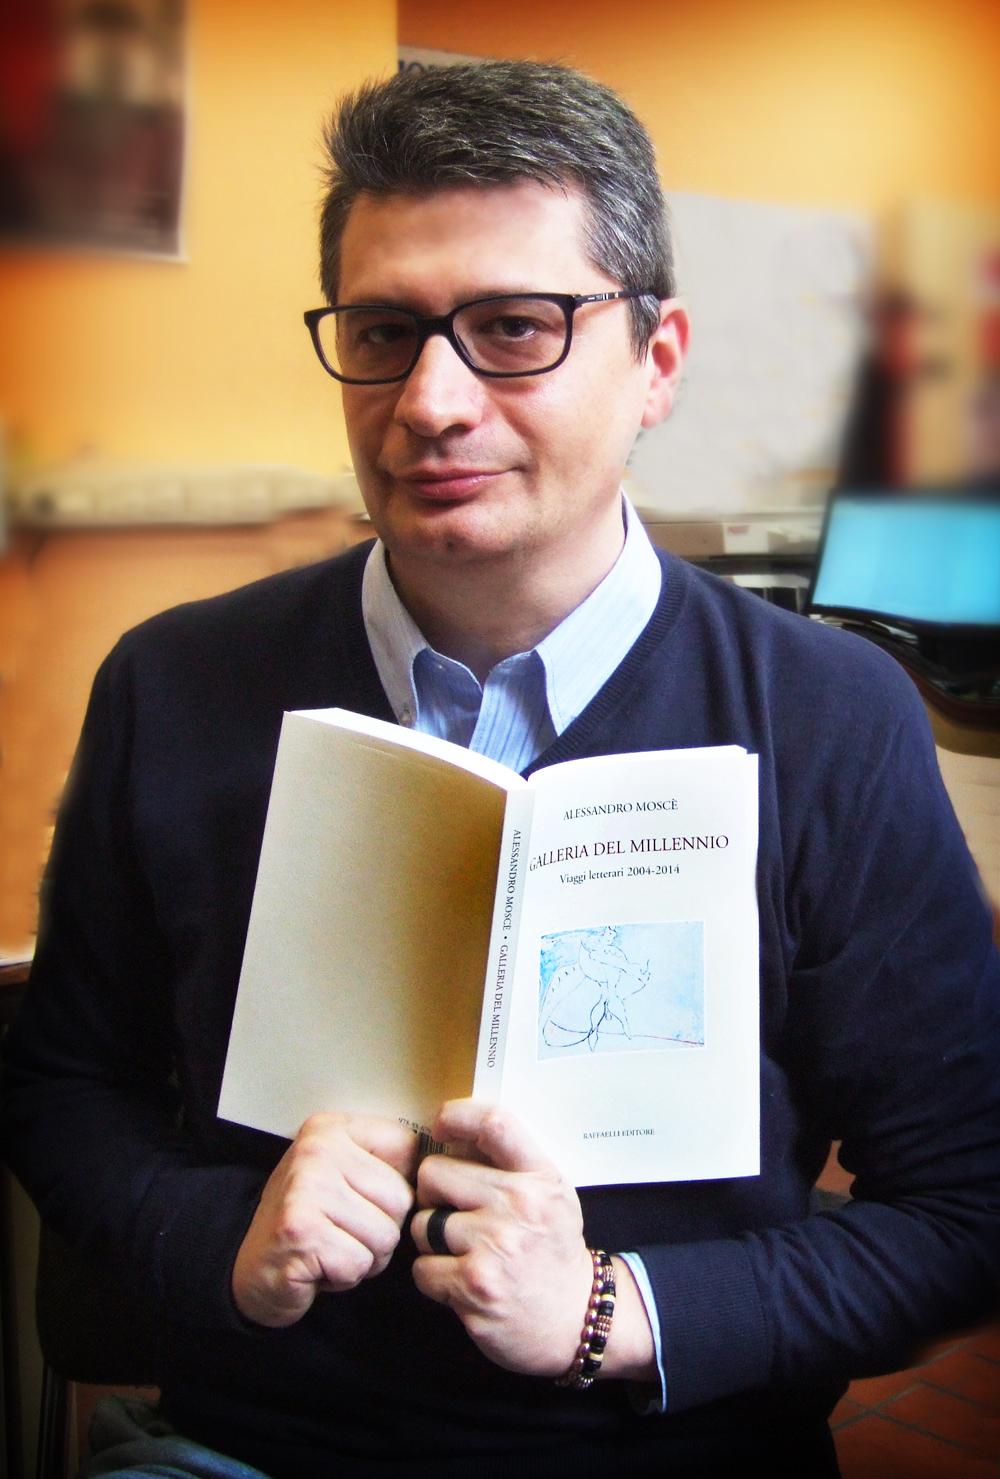 ALESSANDRO MOSCE' NELLE CITTA' E NEI LUOGHI LETTERARI